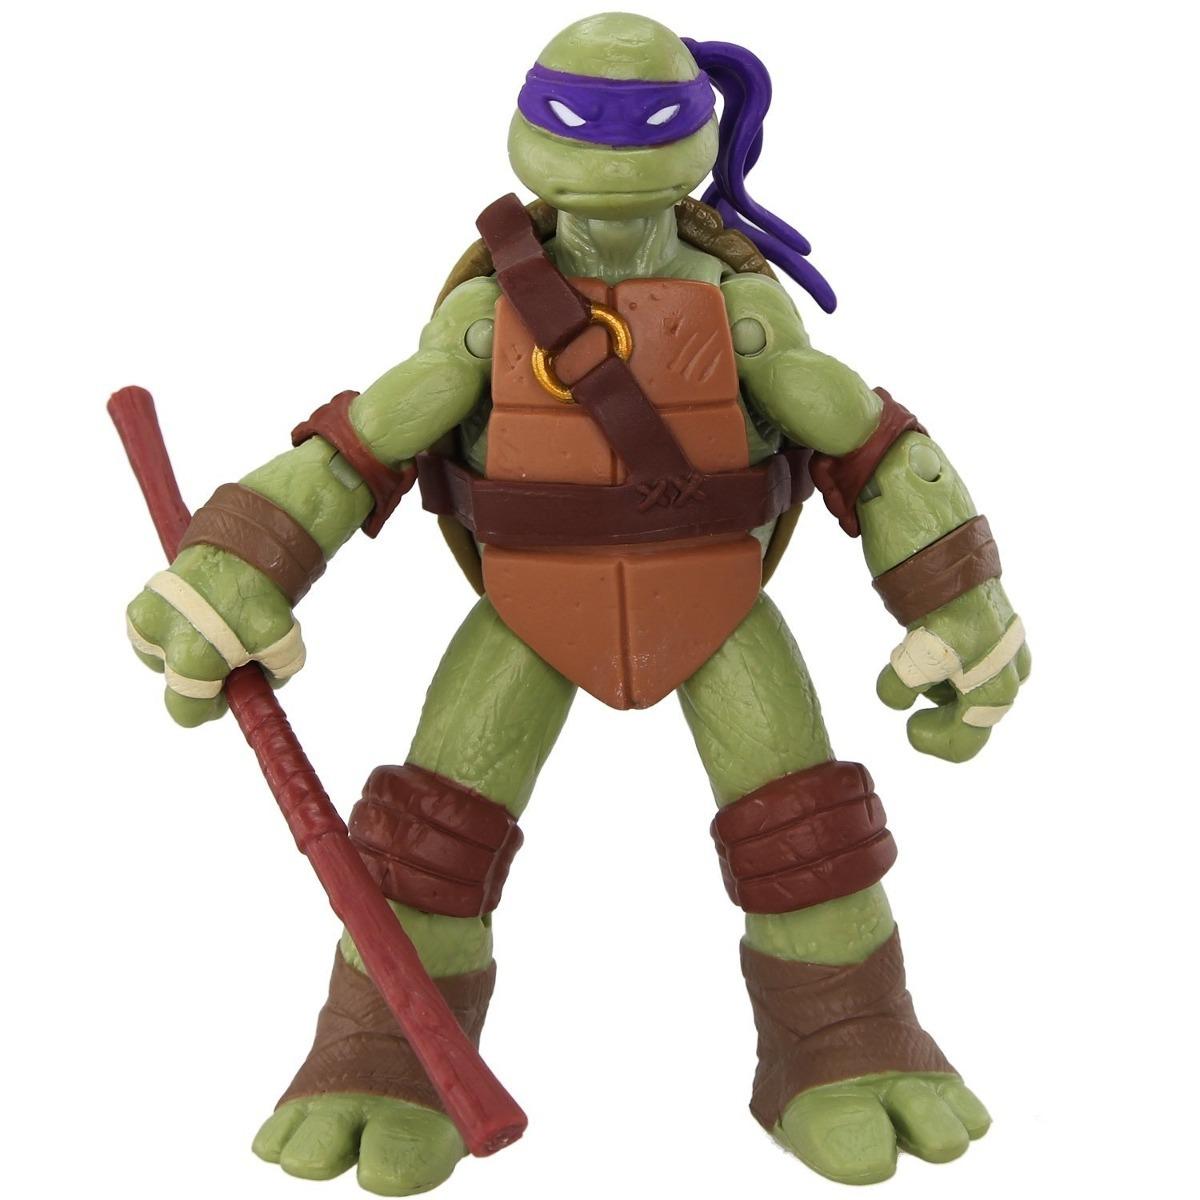 Boneco de brinquedo tartarugas ninjas action nickelodeon r 6990 boneco de brinquedo tartarugas ninjas action nickelodeon carregando zoom thecheapjerseys Image collections